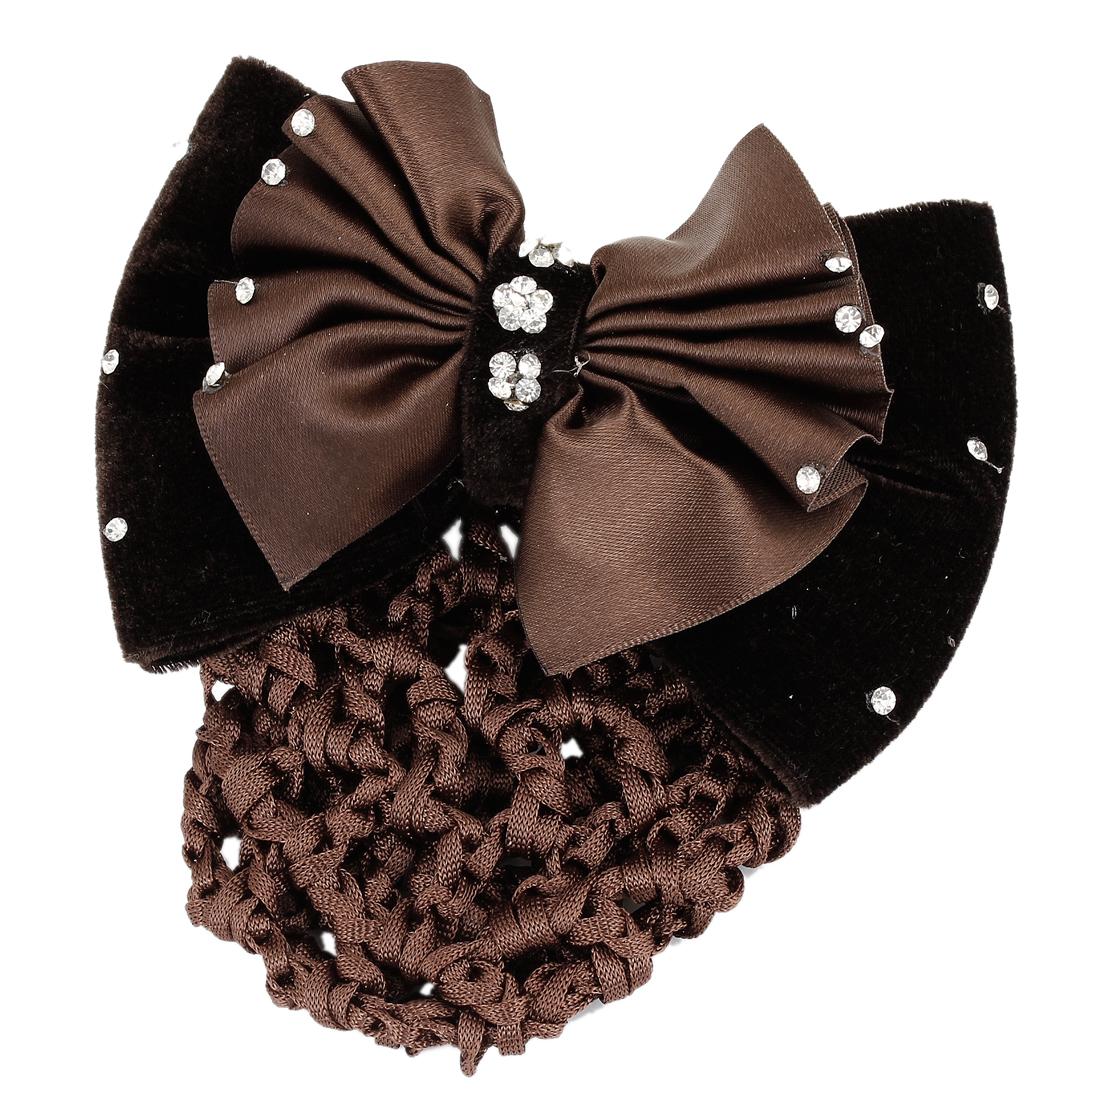 Unique Bargains Rhinestones Ornament Brown Dual Bowtie Decoration Snood Net Hair Clip for Women